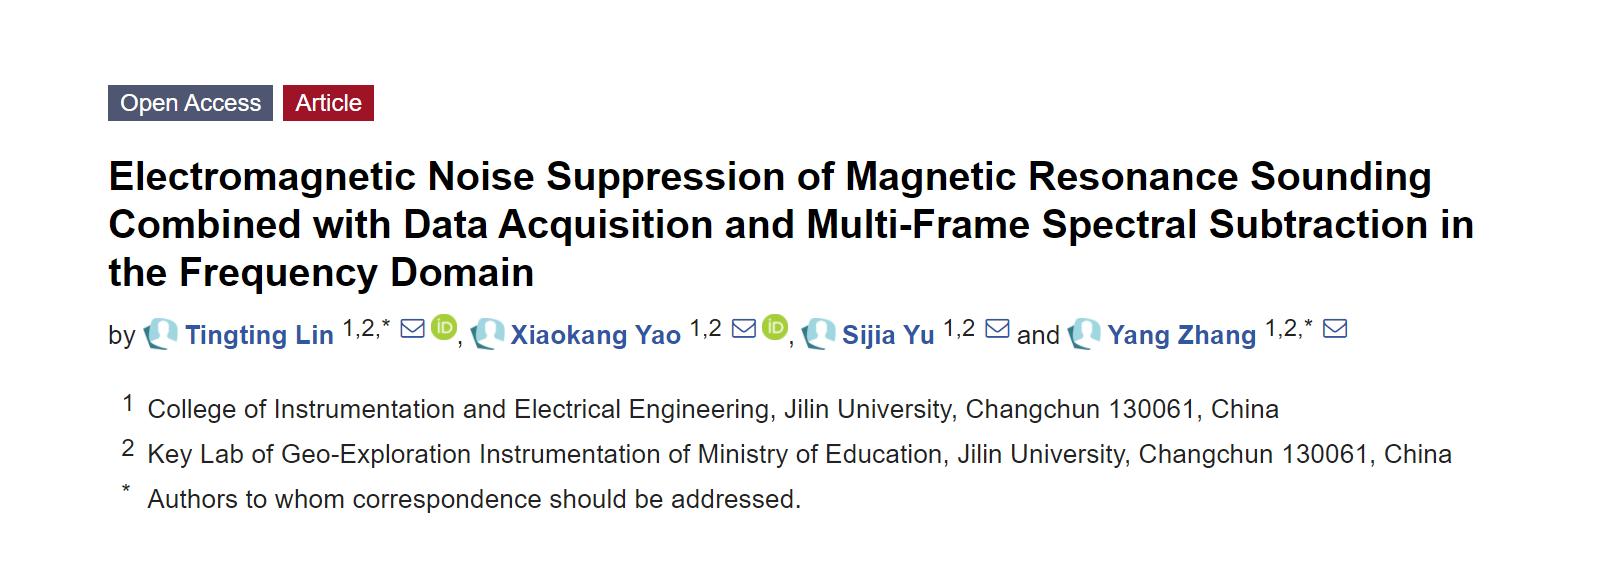 新型磁共振测深电磁噪声抑制,可广泛应用于地下水探测!